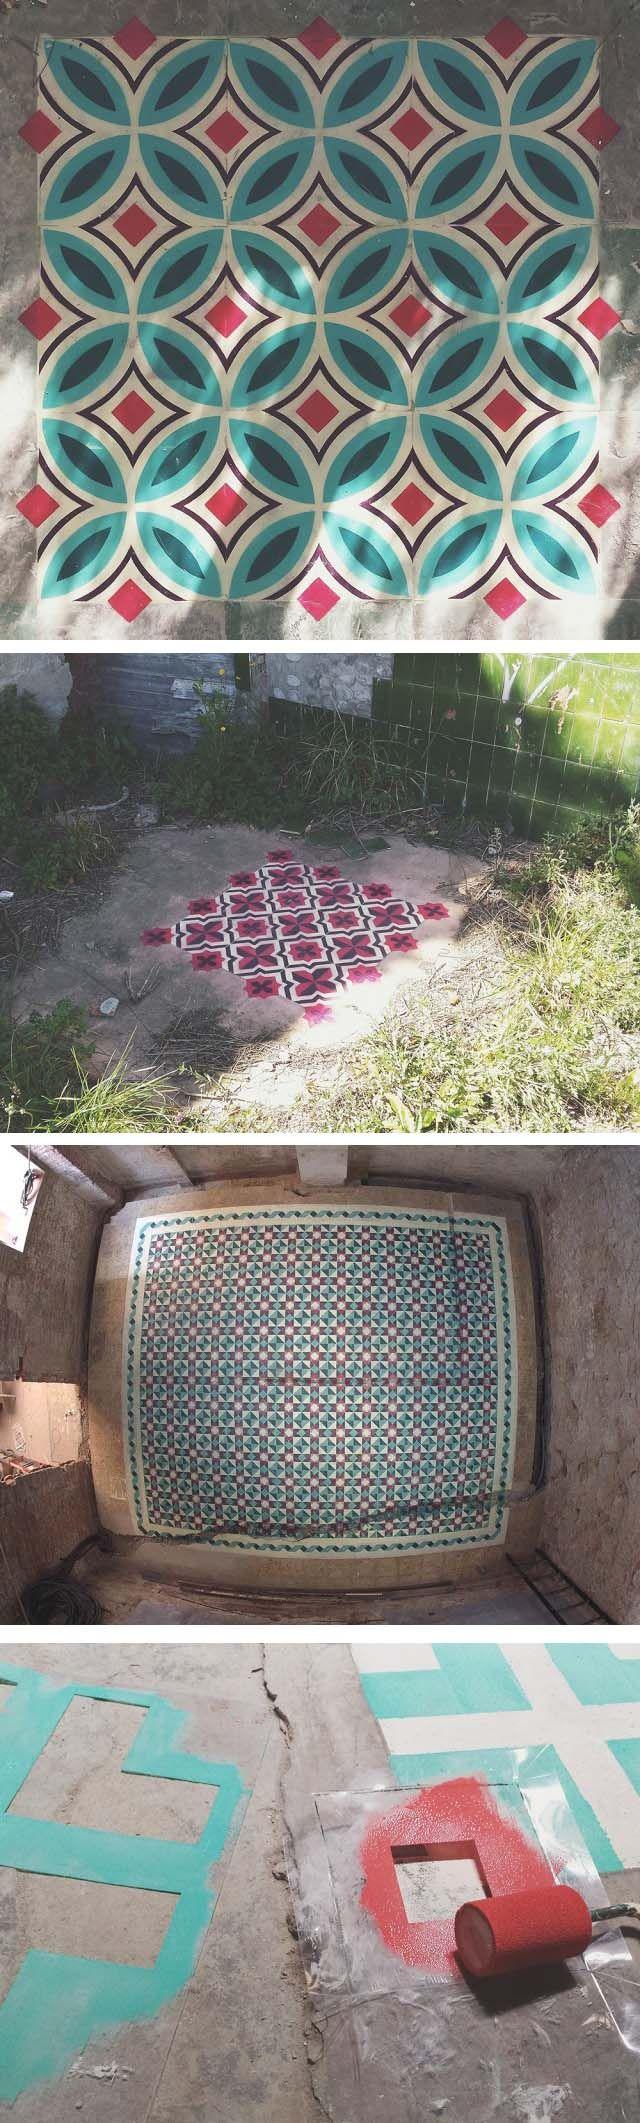 Javier De Riba est un artiste espagnol qui tient une collection impressionnante de ce qu'il appelle « floor installations ». Pour apporter quelques couleurs aux lieux abandonnés et désaffectés, il dessine au sol des motifs géométriques qui ressemblent à du carrelage, à l'aide de sprays et de pochoirs.